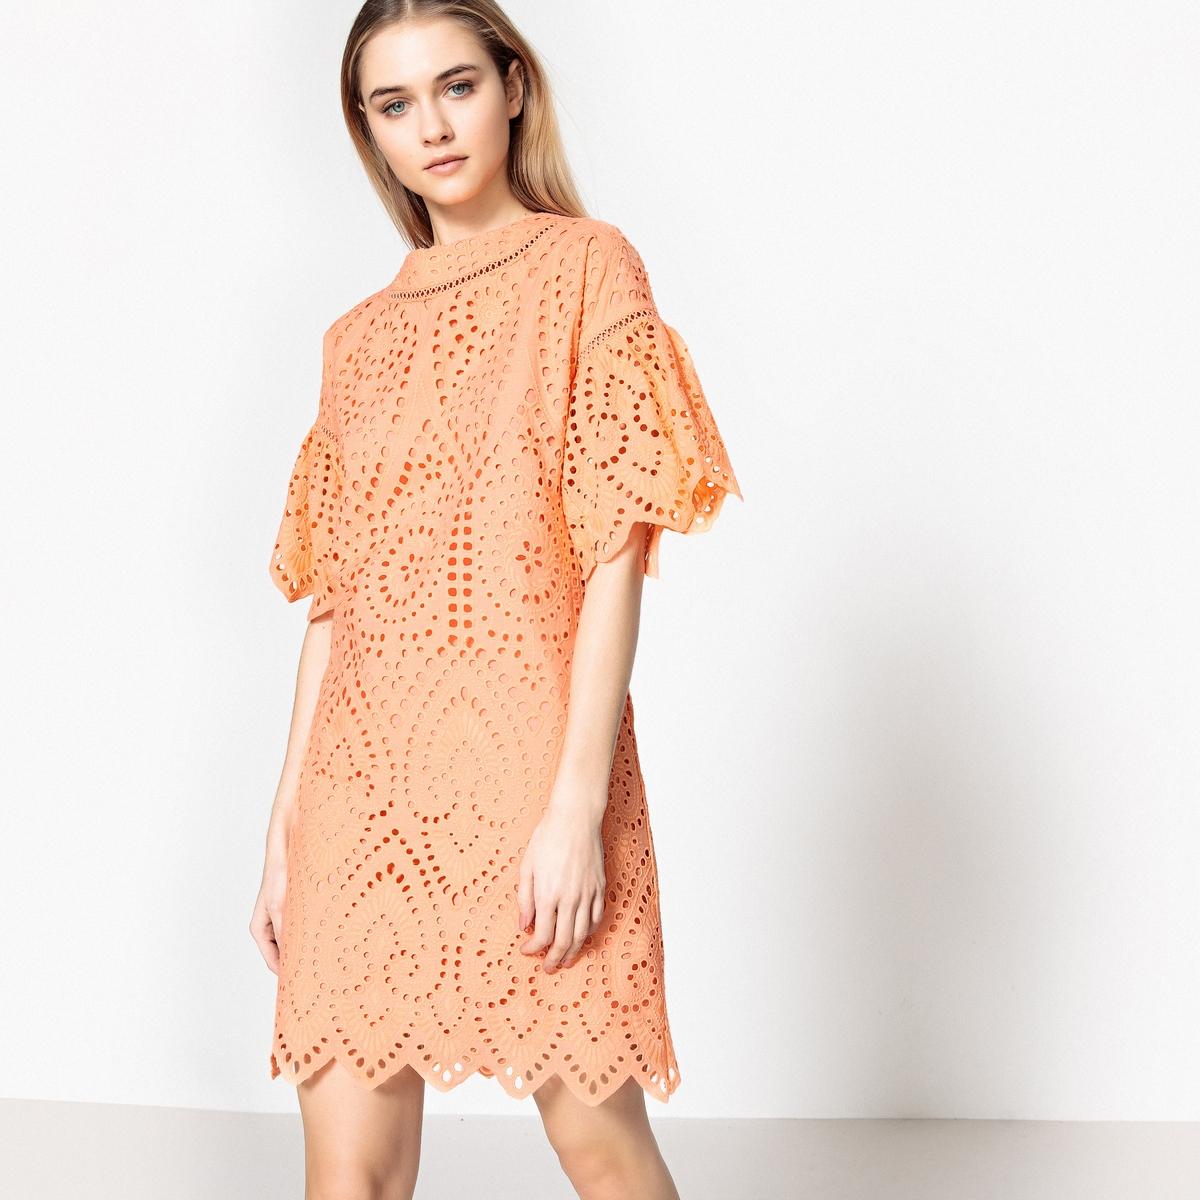 Платье La Redoute Прямое с оригинальной английской вышивкой 38 (FR) - 44 (RUS) оранжевый брюки la redoute с высокой талией из лиоцелла 38 fr 44 rus бежевый